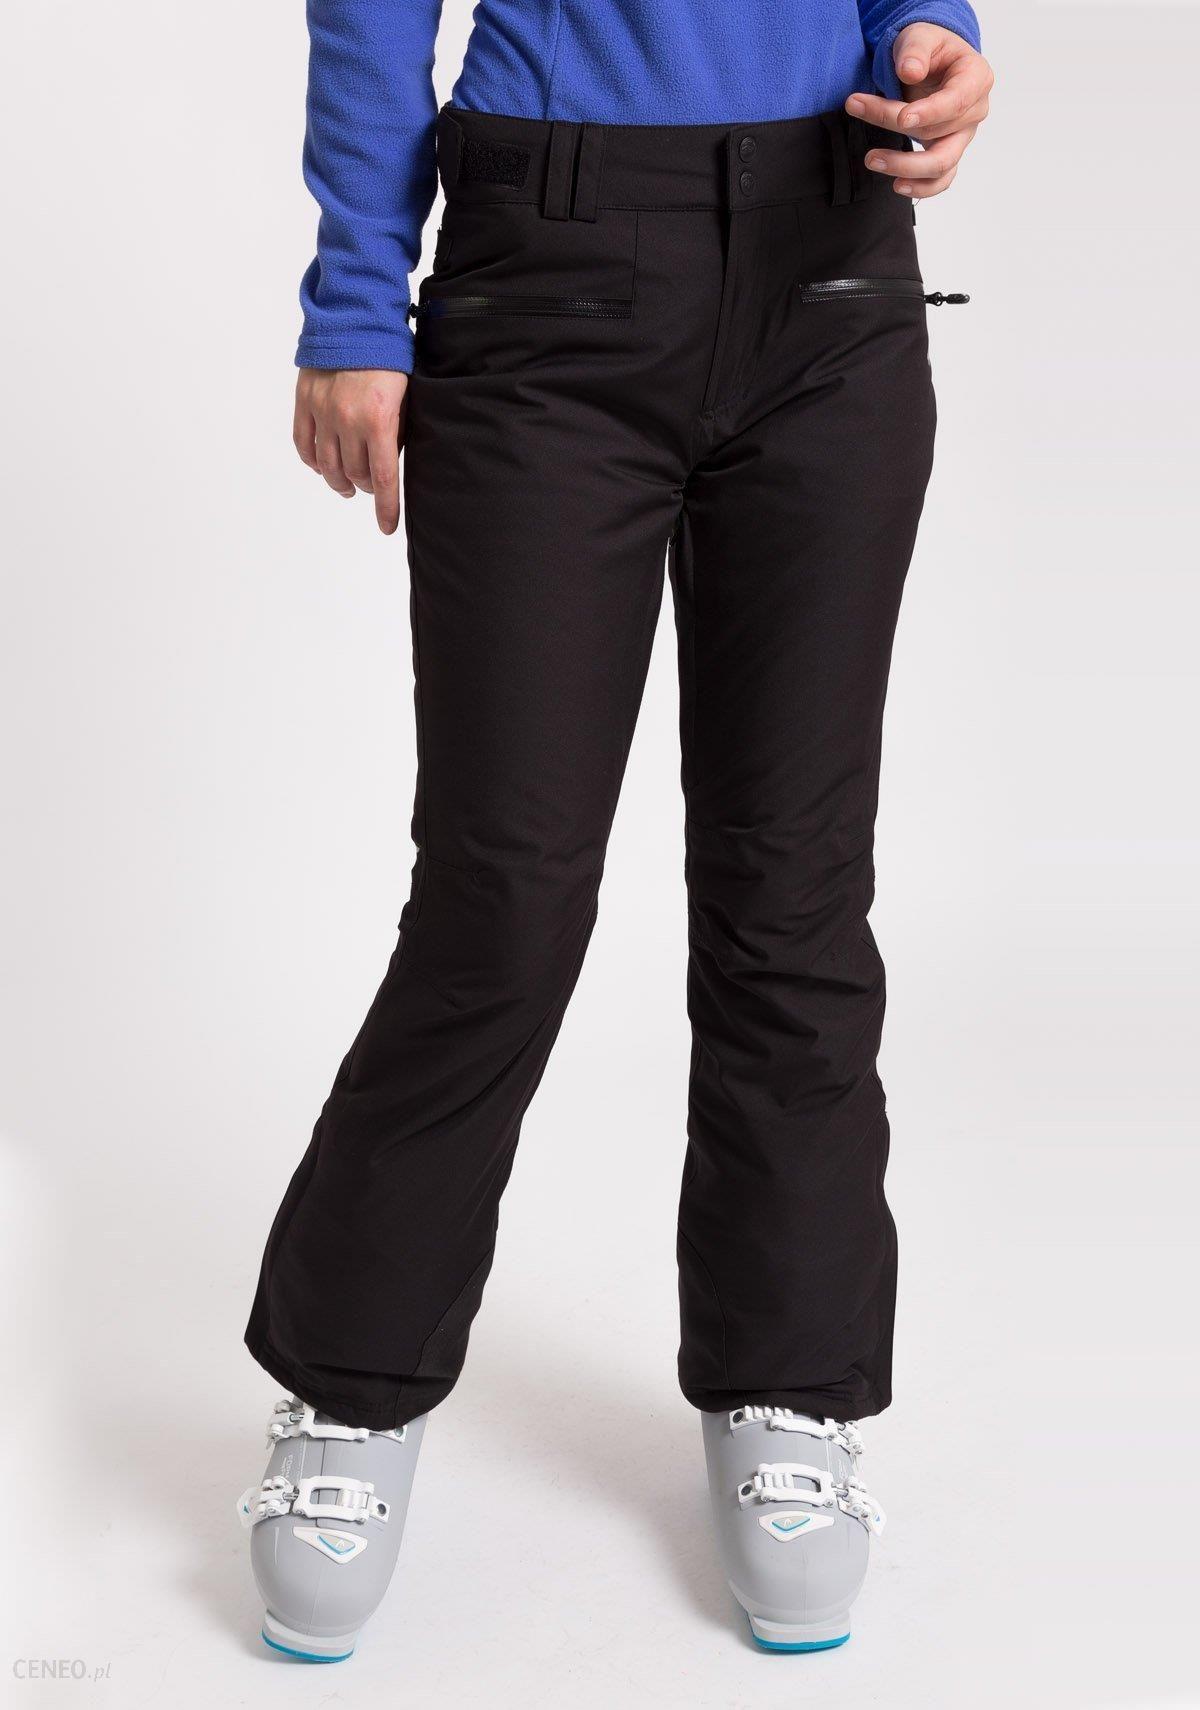 4F Spodnie damskie narciarskie SPDN270 XL Ceny i opinie Ceneo.pl